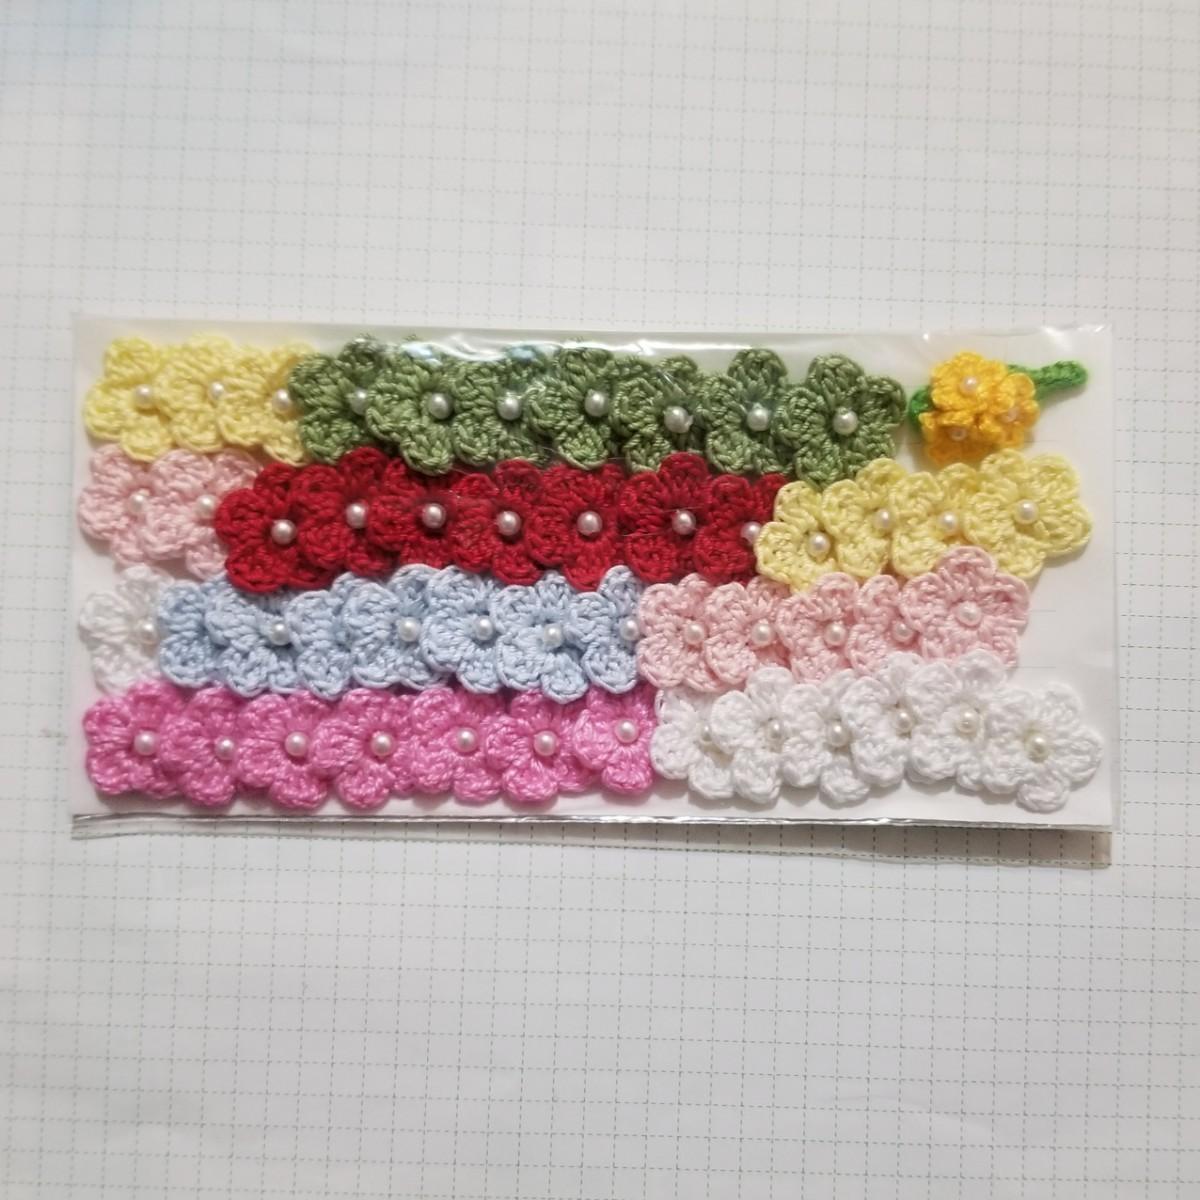 ハンドメイド手編み ビーズ付きフラワー モチーフ 全50枚セット